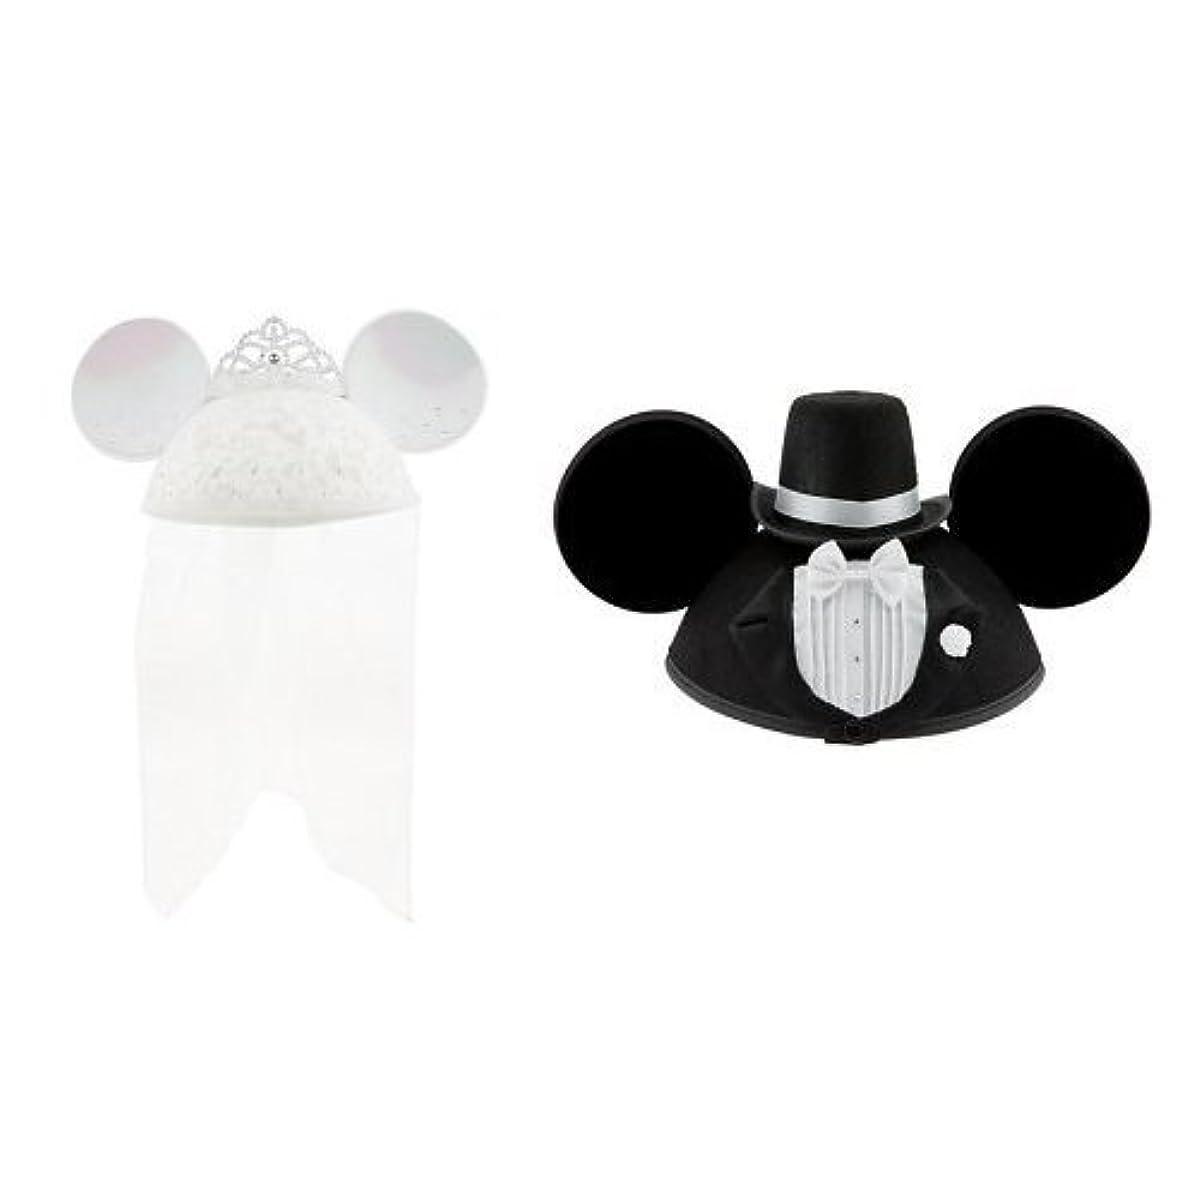 [해외] DISNEY 디즈니 미니 마우스 MICKEY & MINNIE MOUSE EAR HAT GROOM & BRIDE 미니 미키 이어 이어 (햇)하트 웨딩 페어 신랑 & 신부 그룸 & bride 2점 세트-